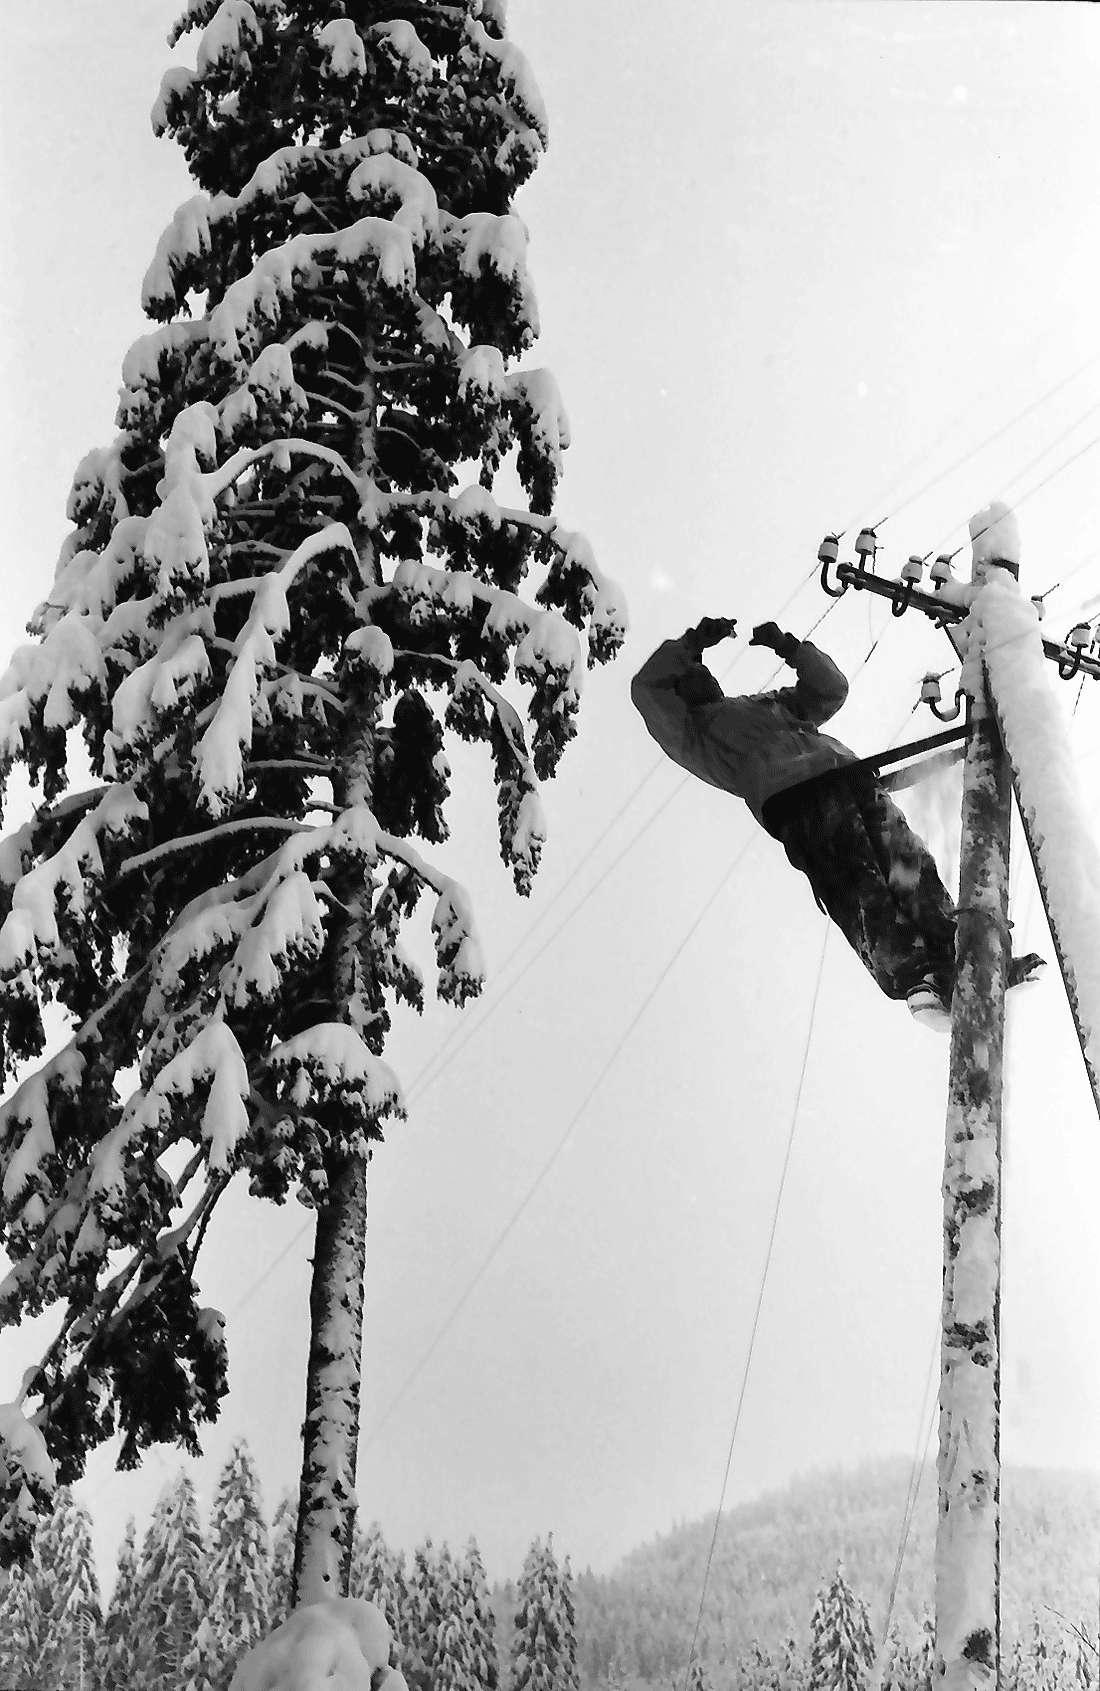 St. Blasien - Todtmoos: Straße; Bautrupp beseitigt Schneeschäden an Telefonleitungen; Arbeiter auf Telefonmast, Bild 1